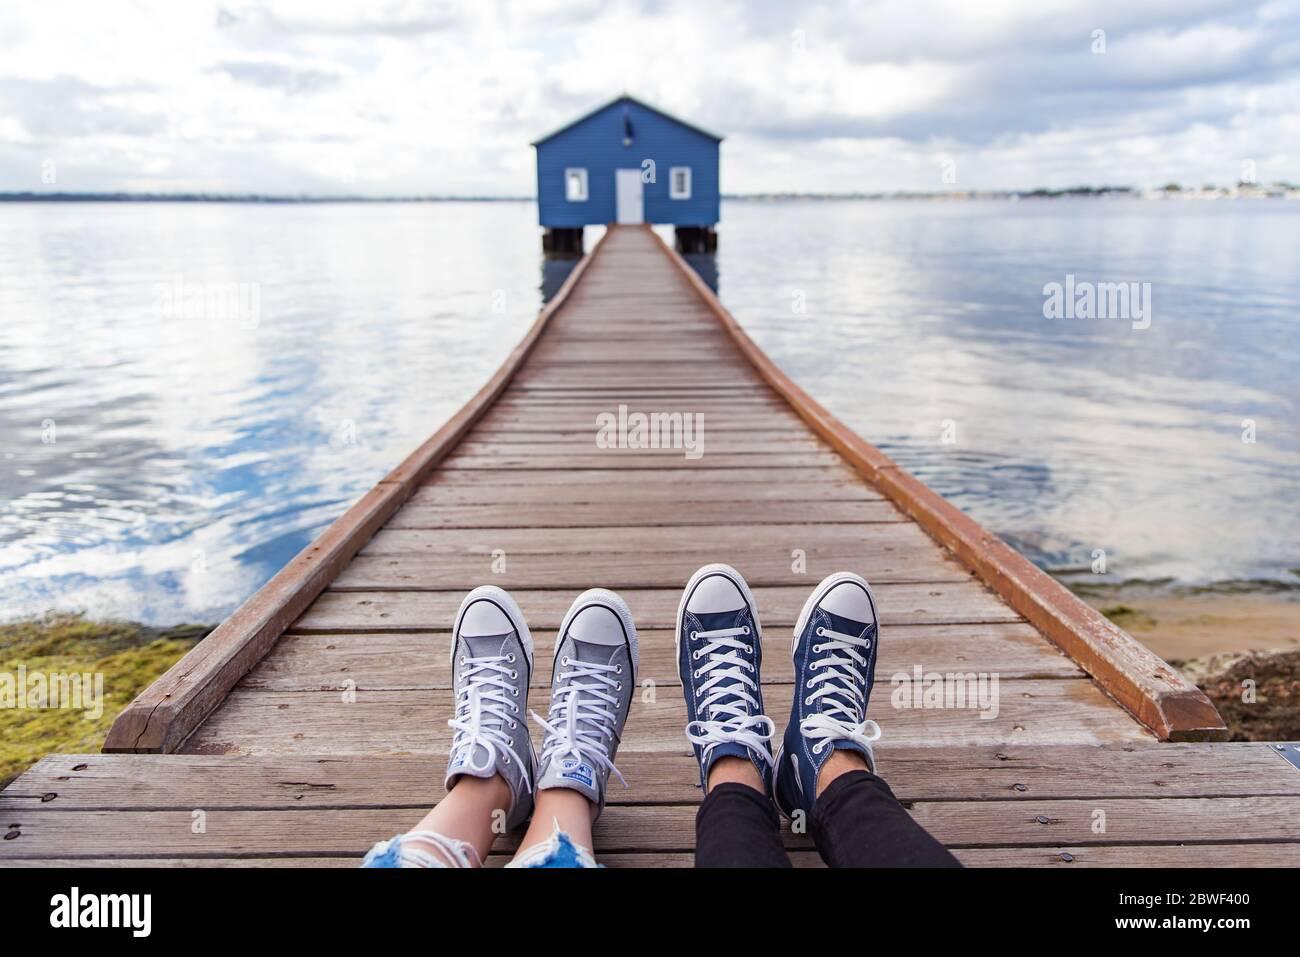 Perth, novembre 2019 : couple touristique portant des baskets profitant de la vue sur la maison de bateau bleue - le hangar de bateau Crawley Edge situé sur la rivière Swan à Perth. Banque D'Images